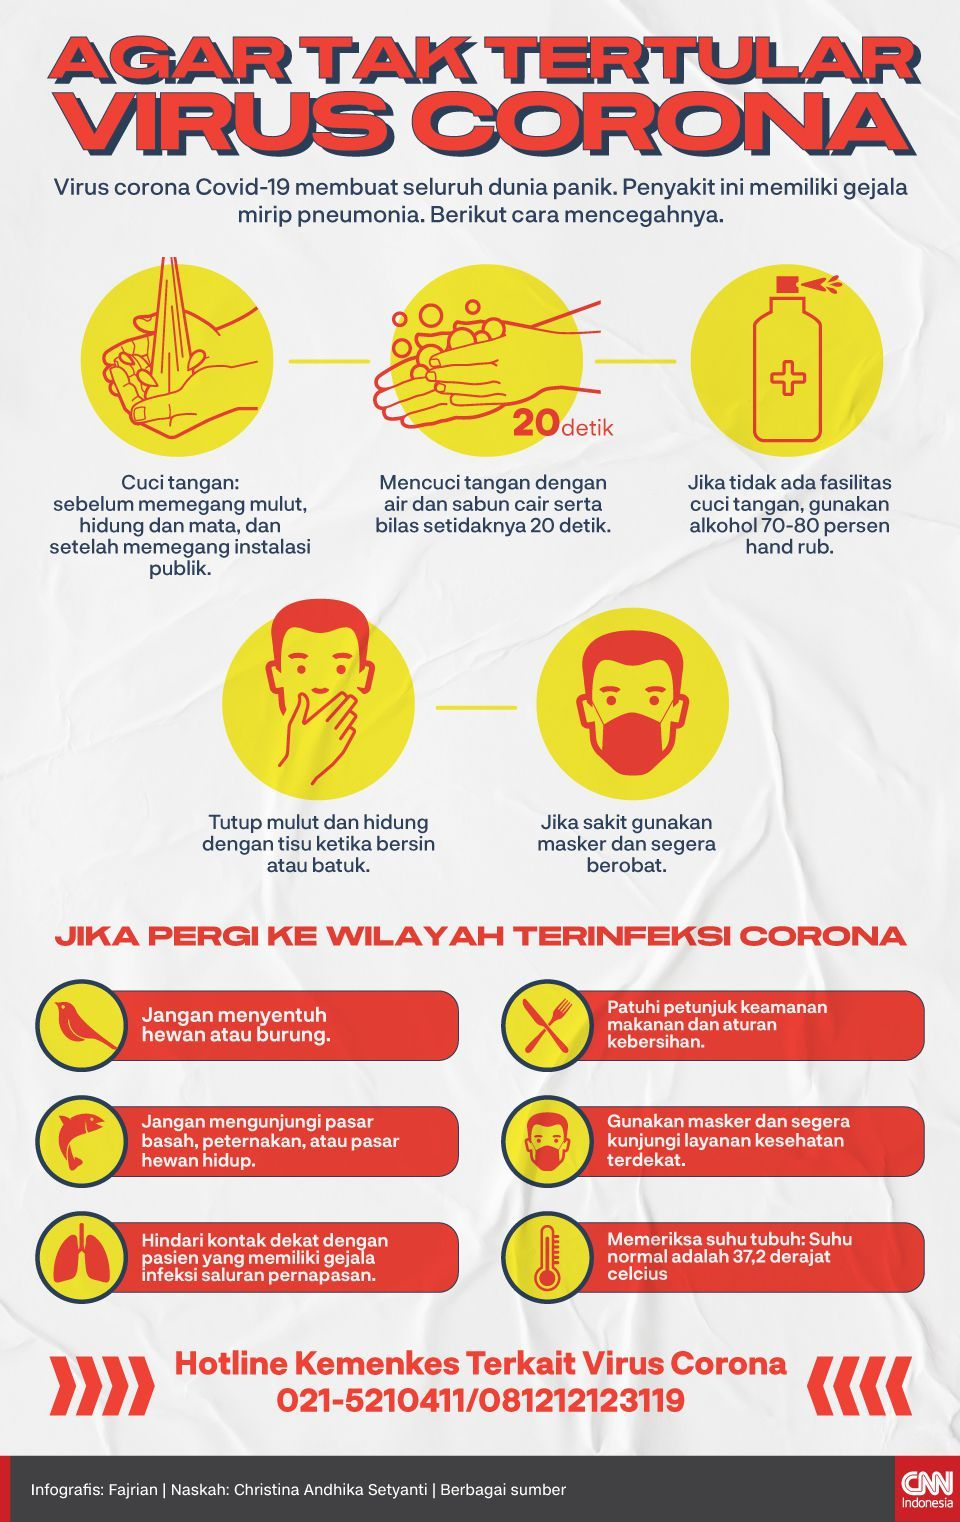 RI Masuk Negara dengan Tingkat Tes Corona Terendah Dunia